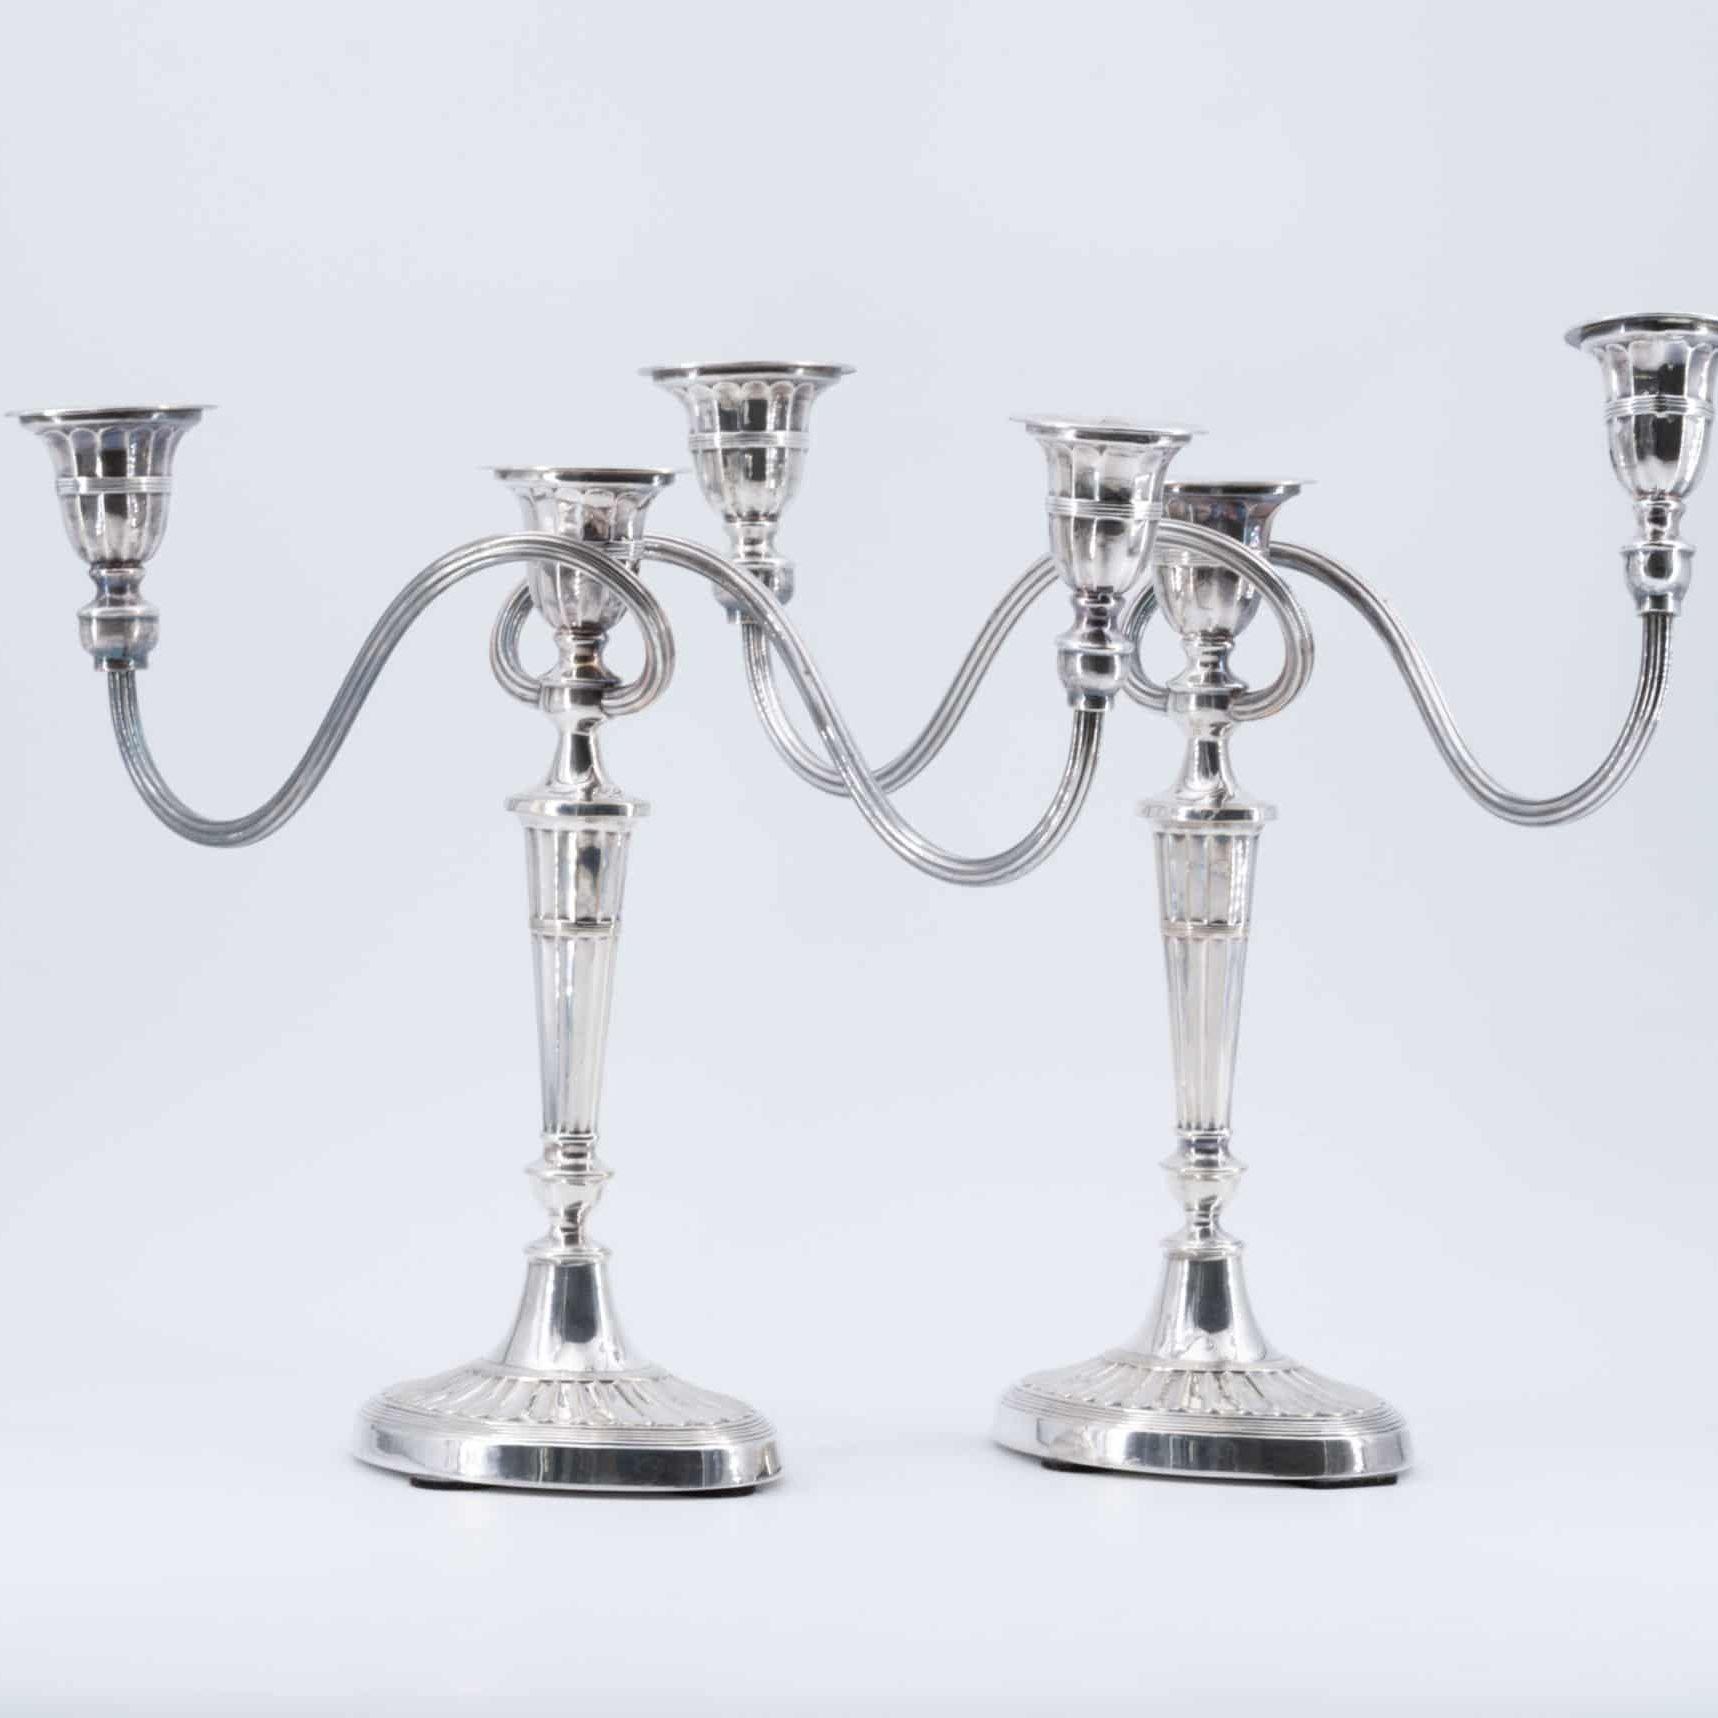 Paire de chandeliers Empire en cuivre argenté, XIXe siècle.